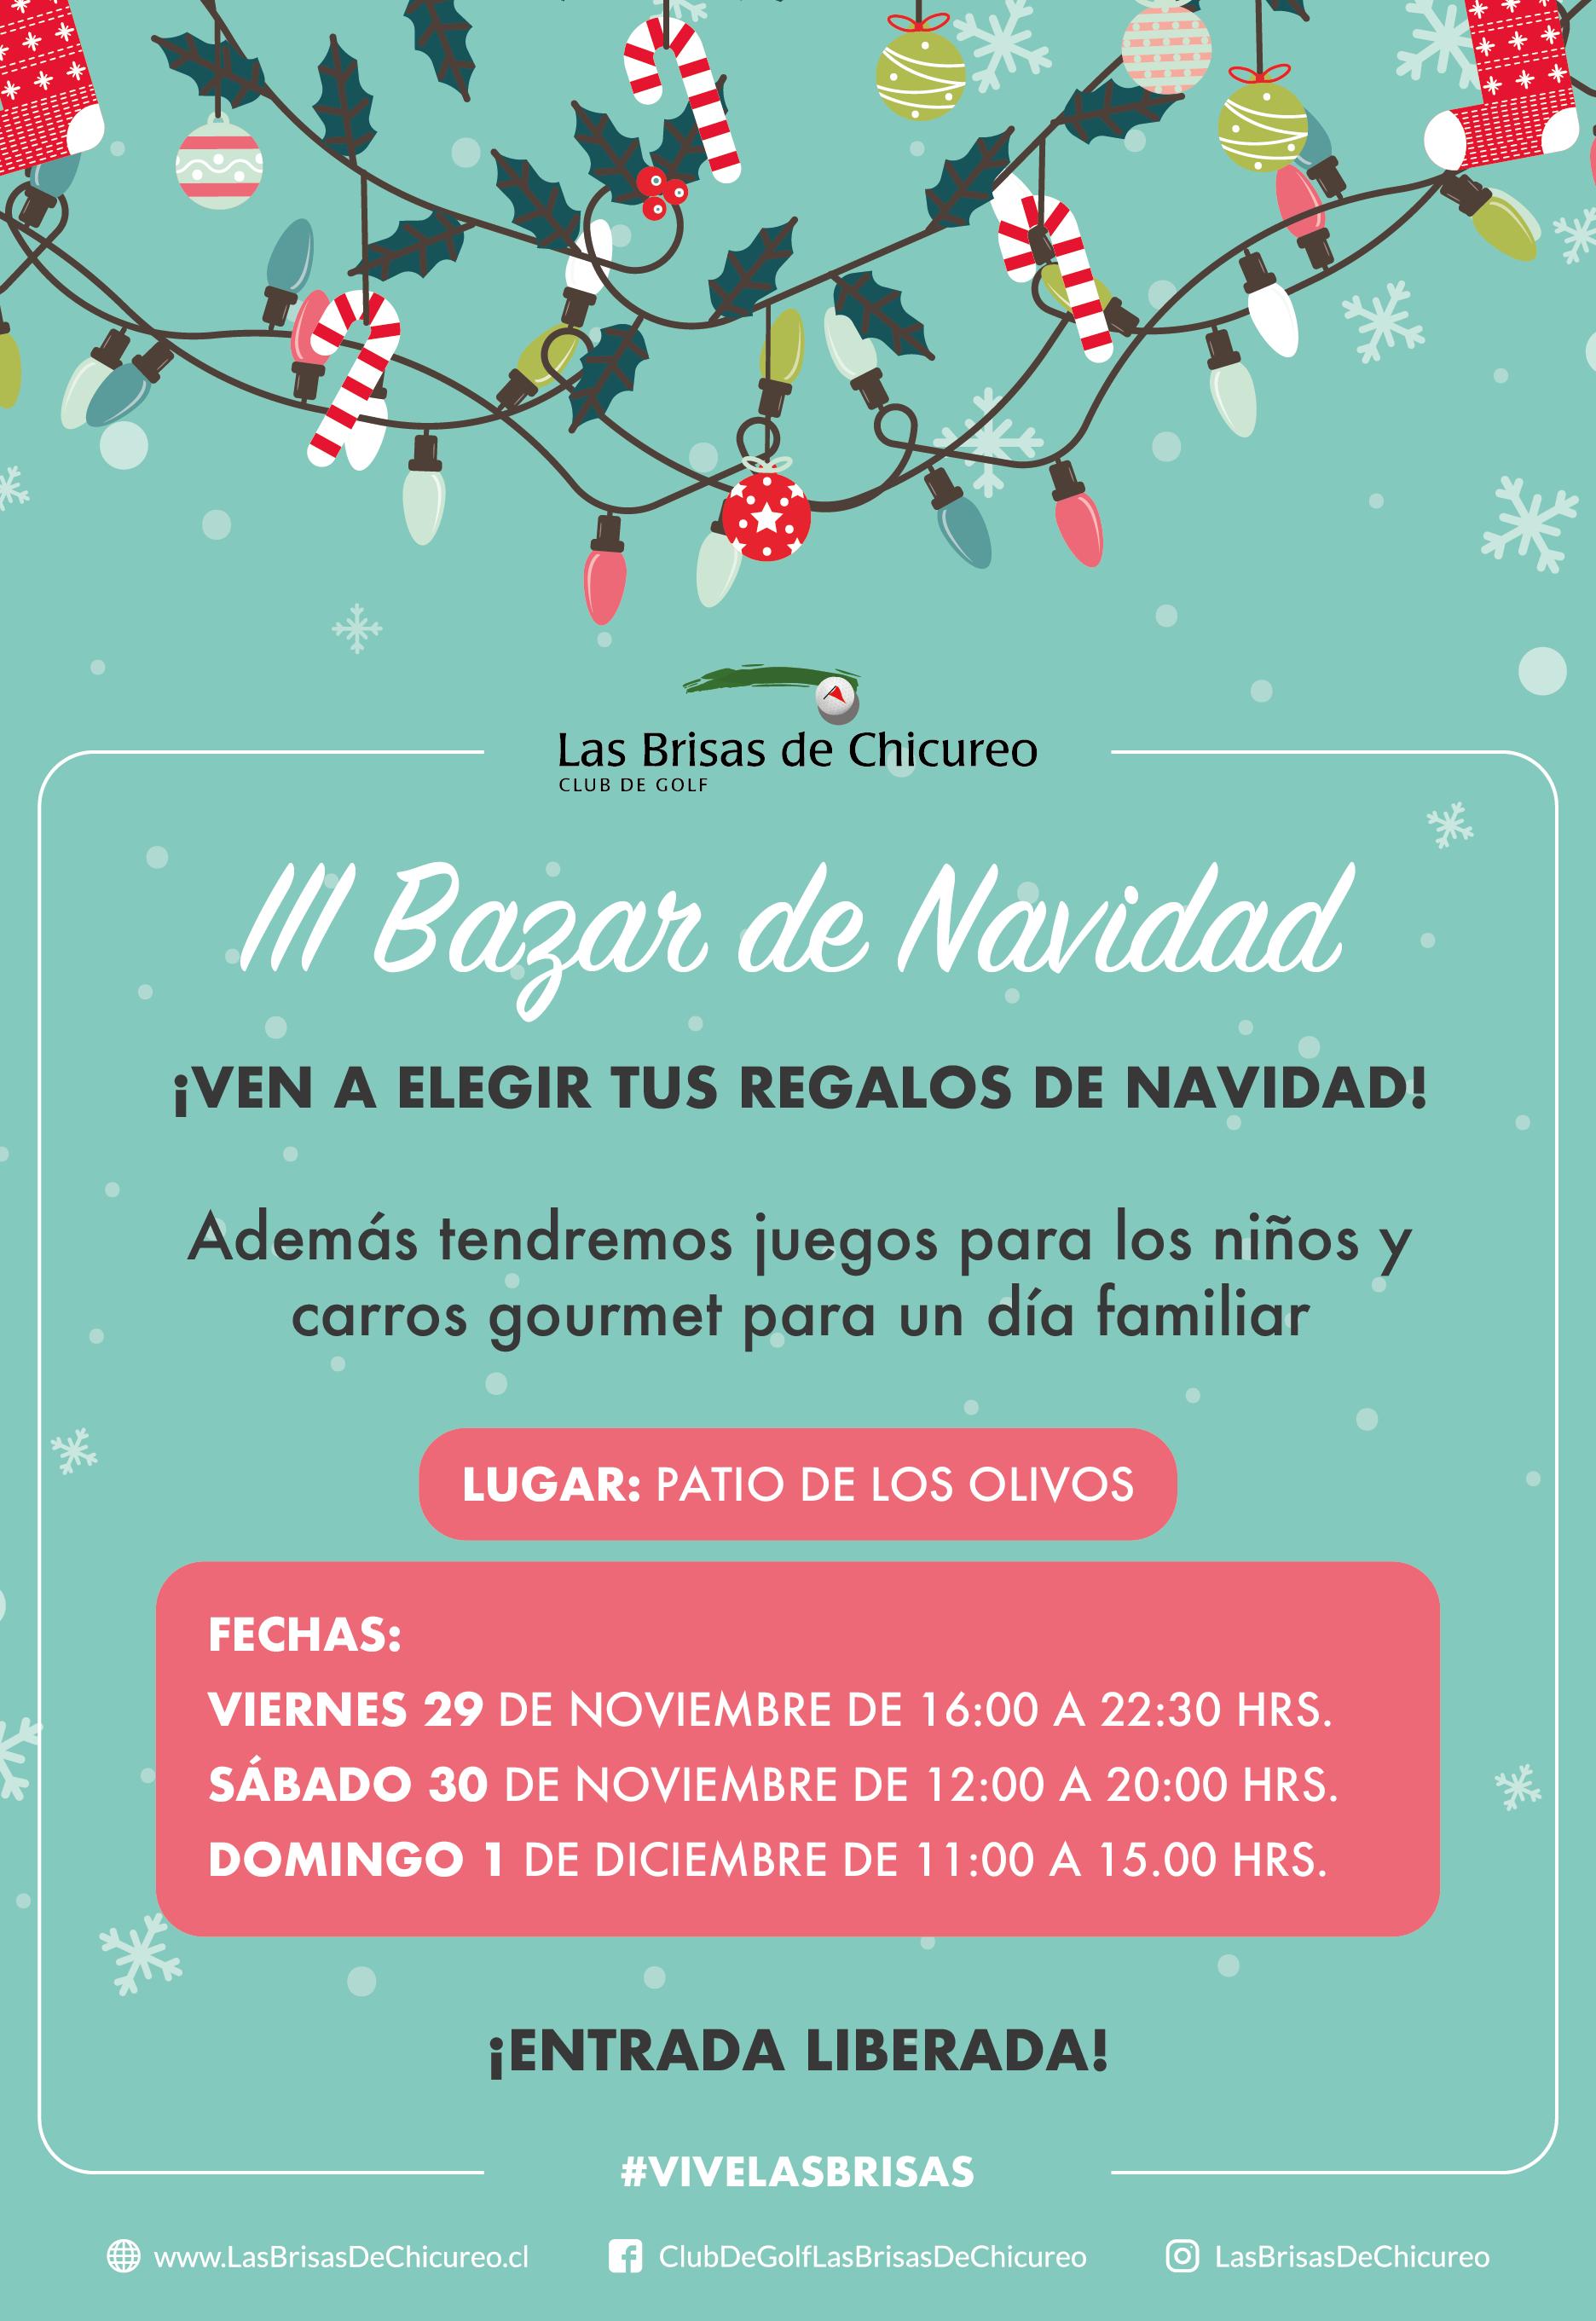 III Bazar de Navidad